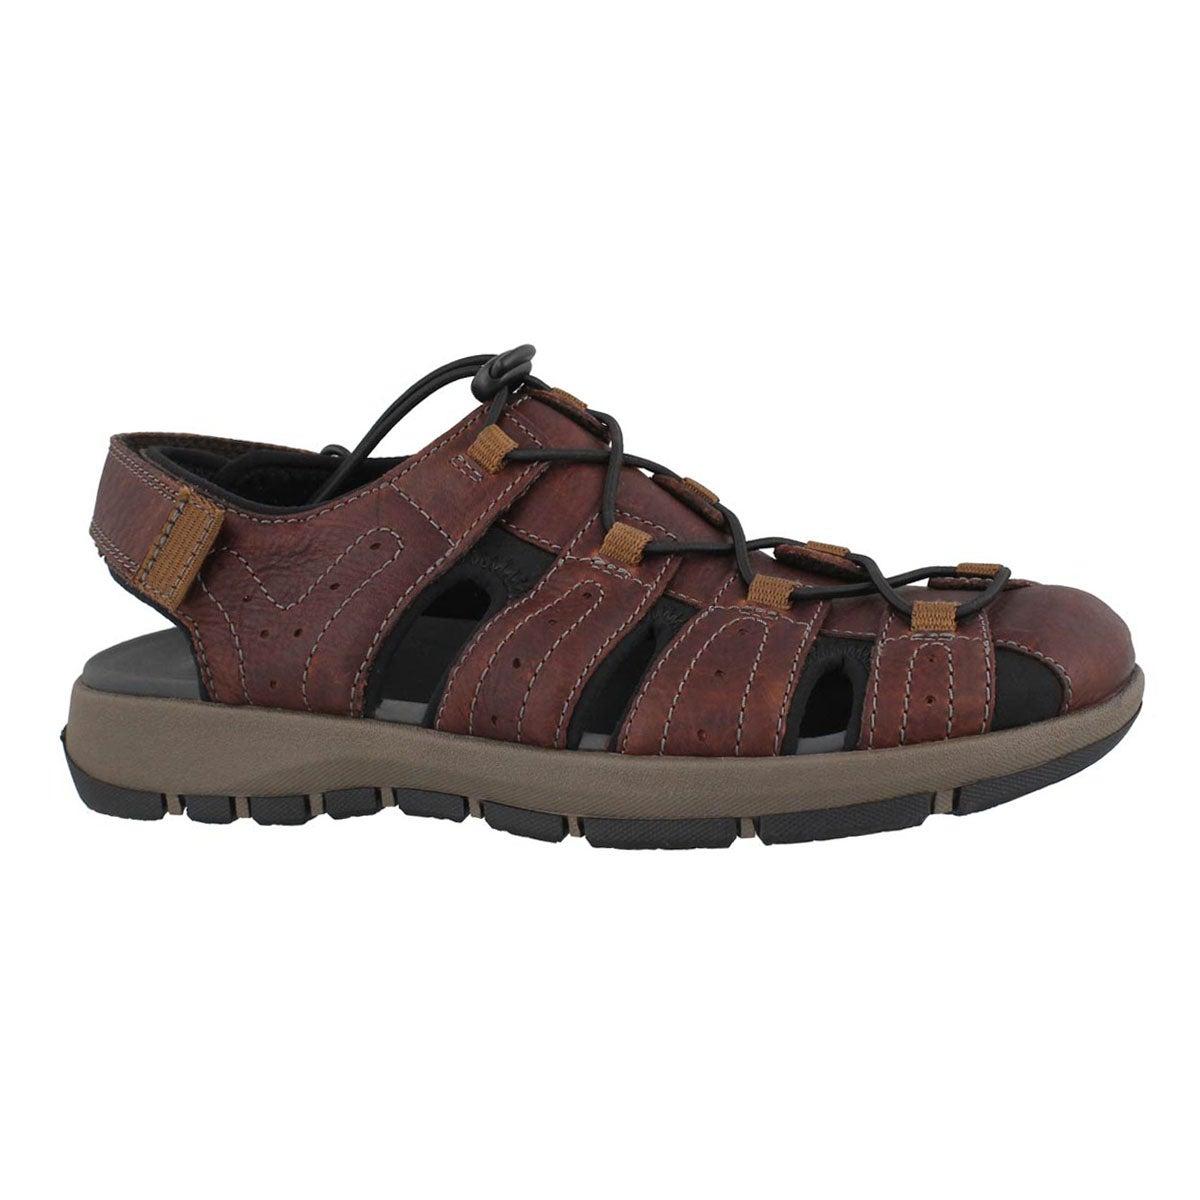 Men's BRIXBY COVE dark brown fisherman sandals